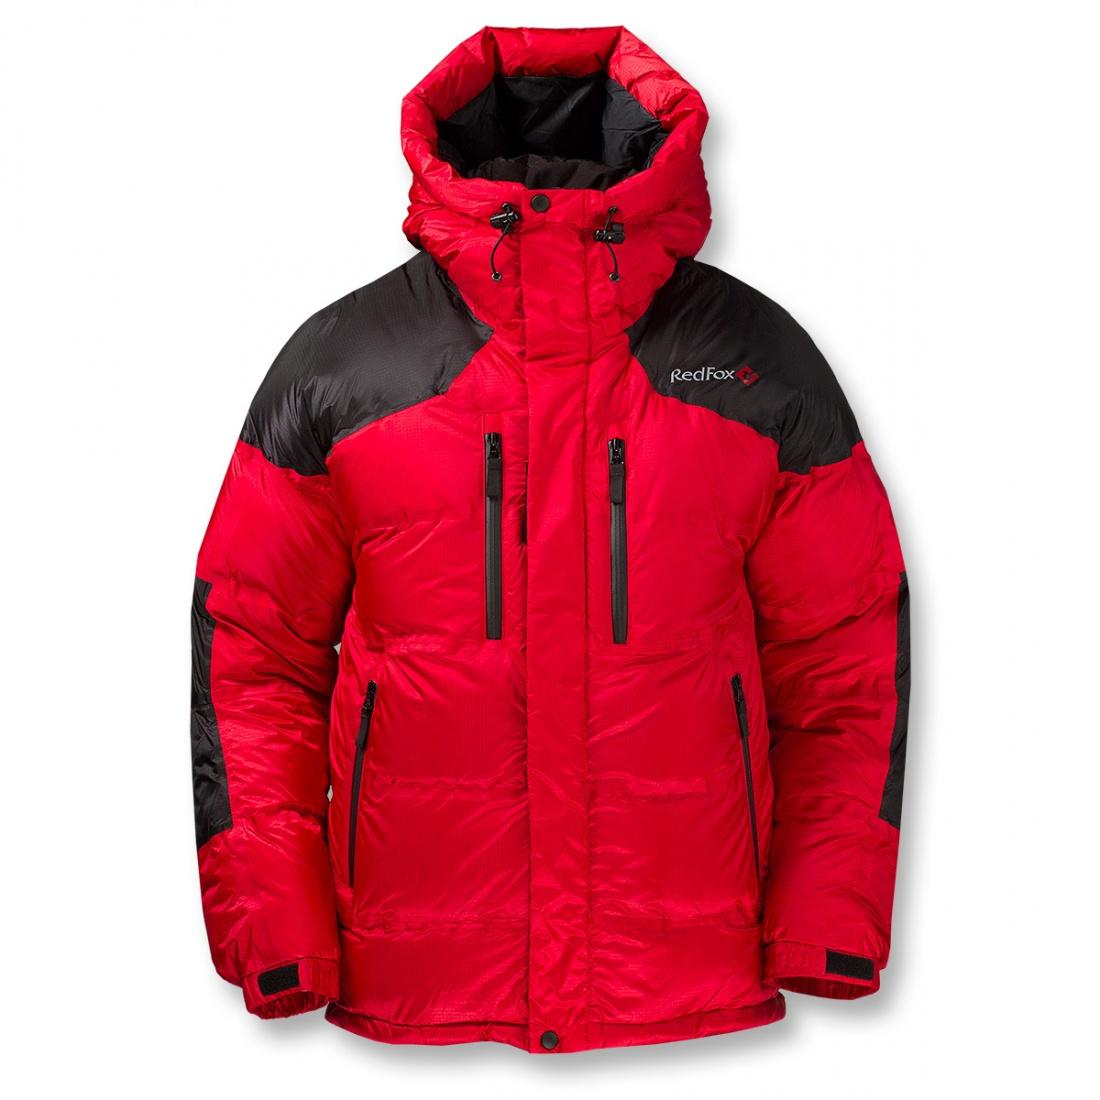 Куртка пуховая Extreme IIКуртки<br>Куртка из мембранных материалов для экстремальных условий. <br><br><br>Материал: Dry Factor 10000<br> <br>Подкладка: Nylon DP<br>Утеплитель: гусиный пух F.P.800+<br>Вес: 1200гр<br>Концепция Expedition Fit&lt;/l...<br><br>Цвет: Красный<br>Размер: 58